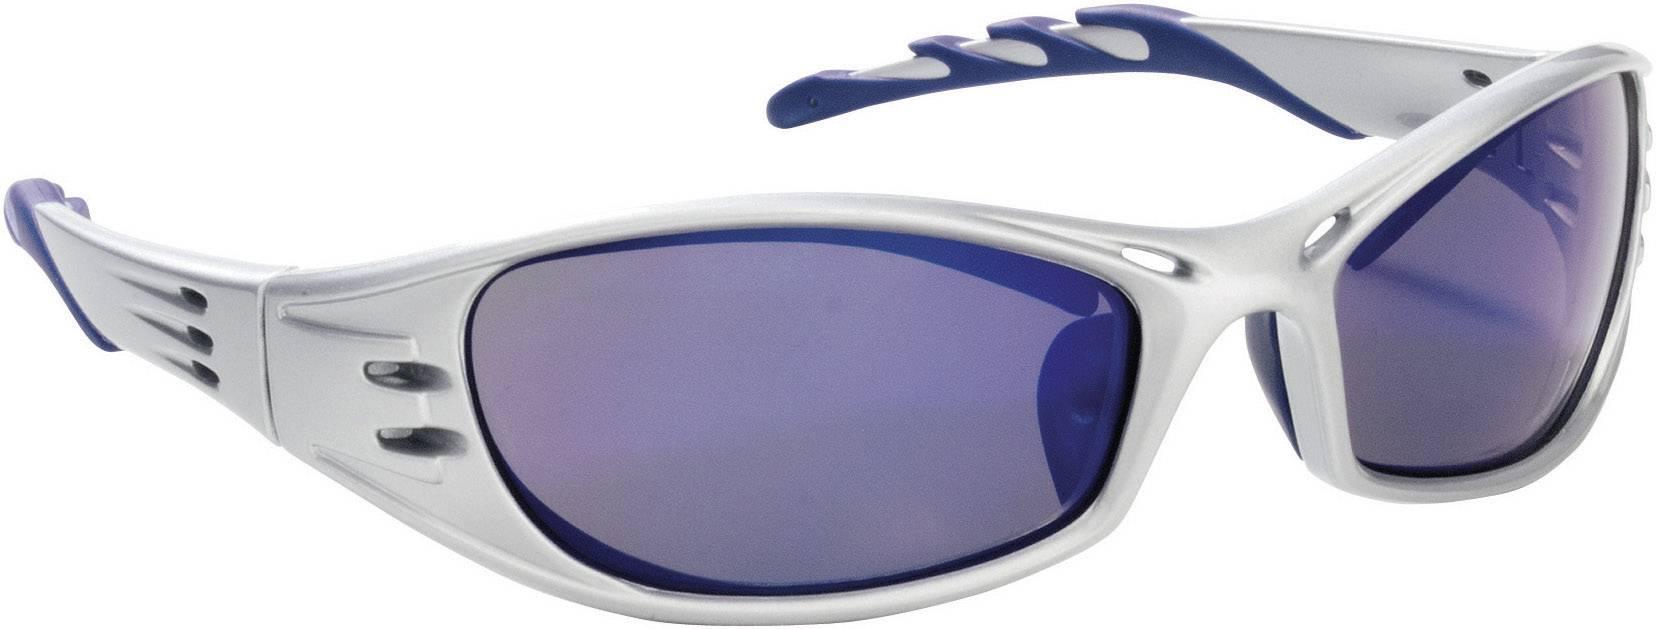 Ochranné okuliare 3M Fuel, modré